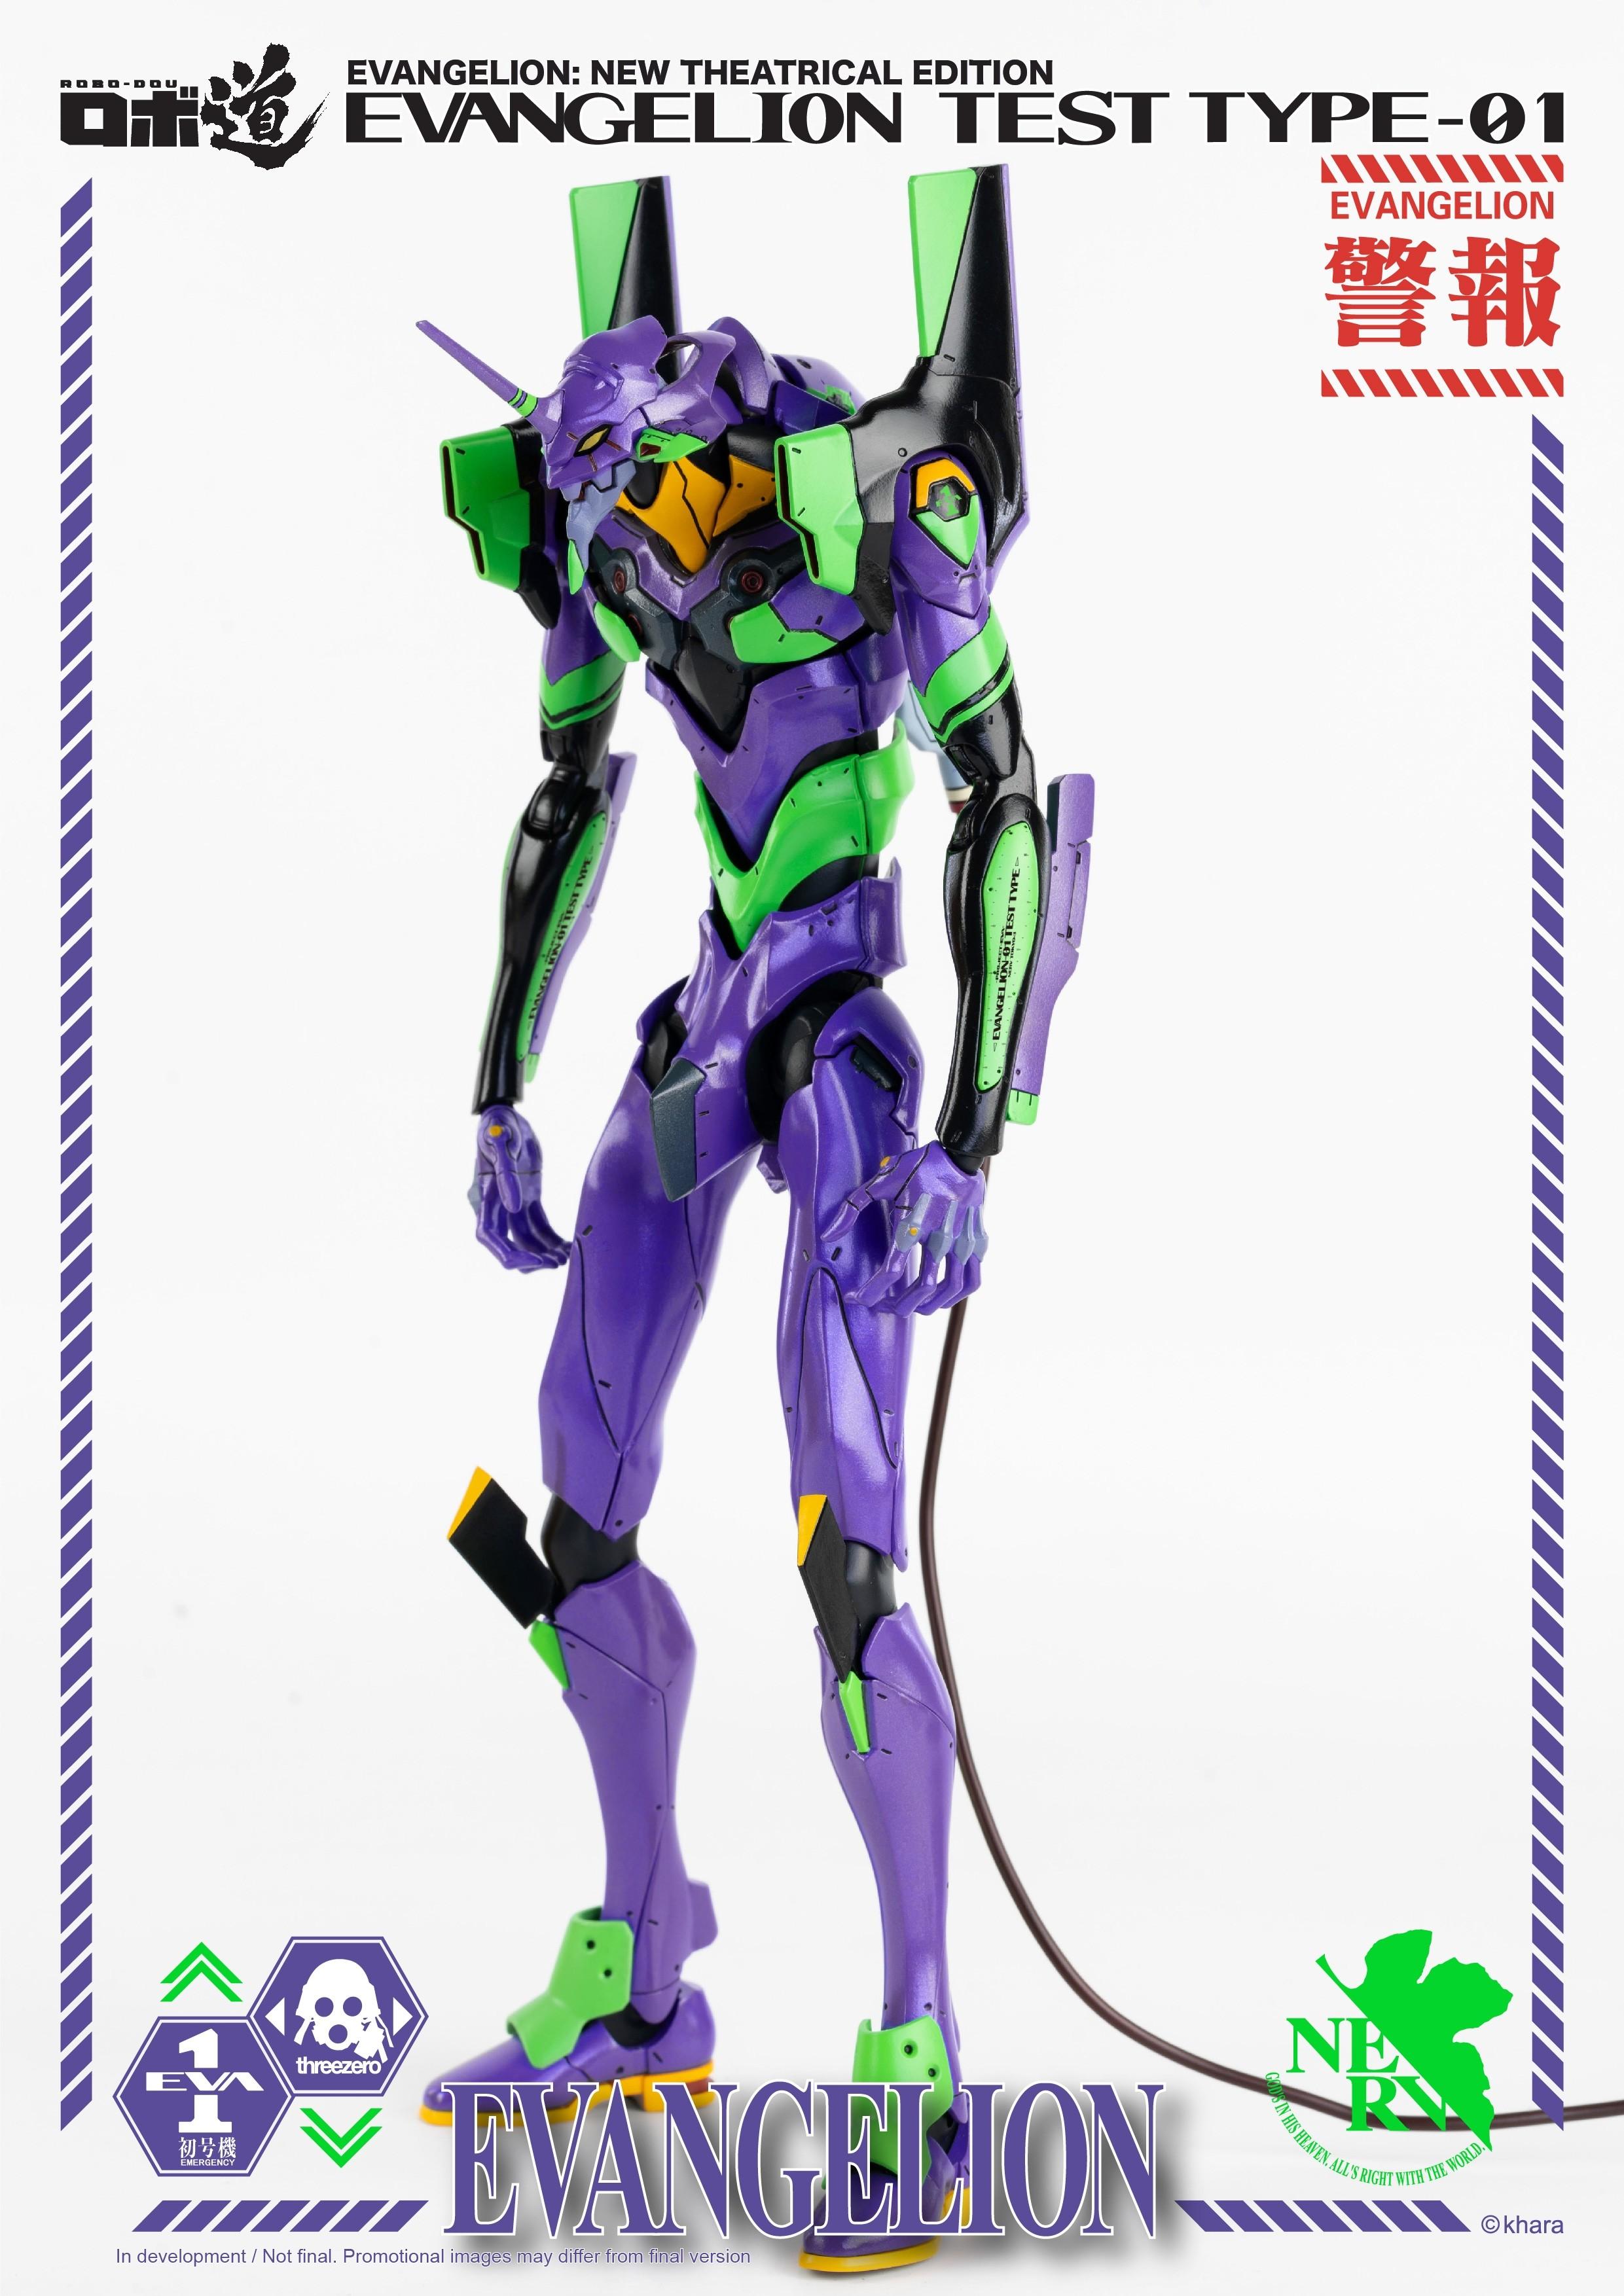 NGE Robo Dou Eva 01 Action Figure